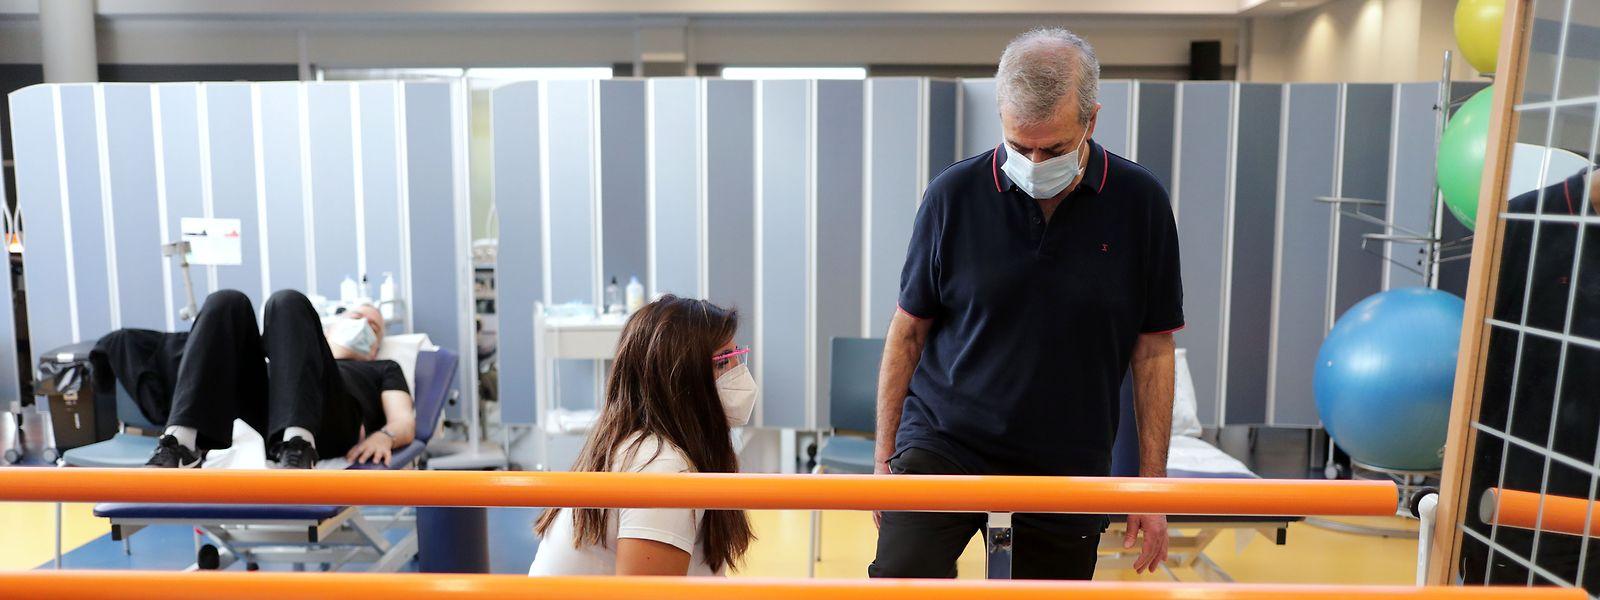 Fernando Soares, 67 anos, esteve internado no Hospital Santos Silva, em Gaia, nos cuidados intensivos cerca de um mês e mais um em enfermaria. Numa sessão de fisioterapia no Centro de Reabilitação do Norte (CRN), em Gaia.